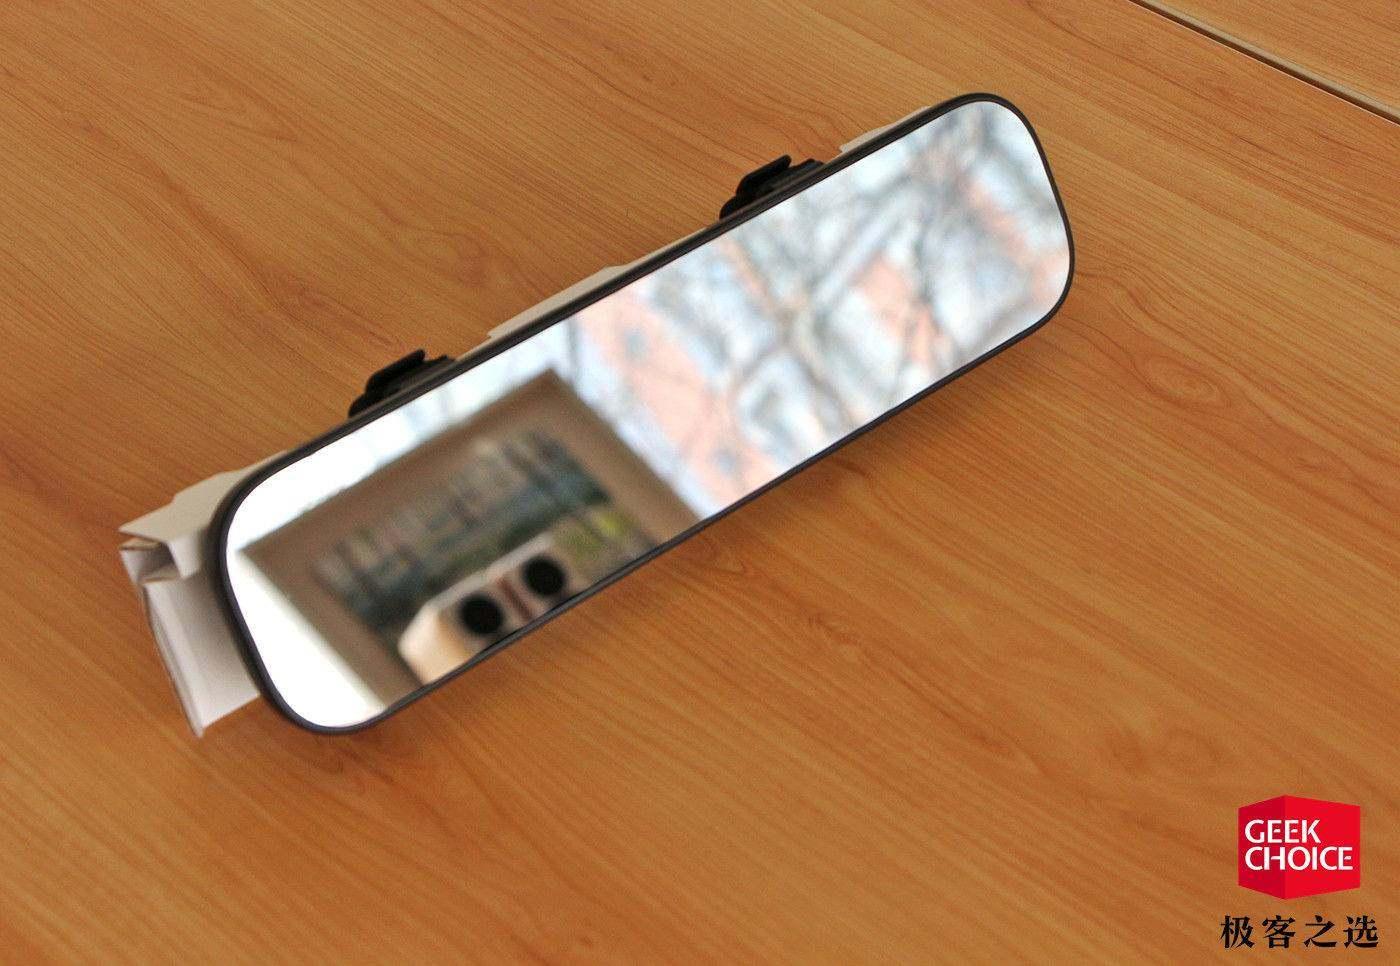 小米米家智能后视镜评测 内置小爱同学和索尼图像传感器